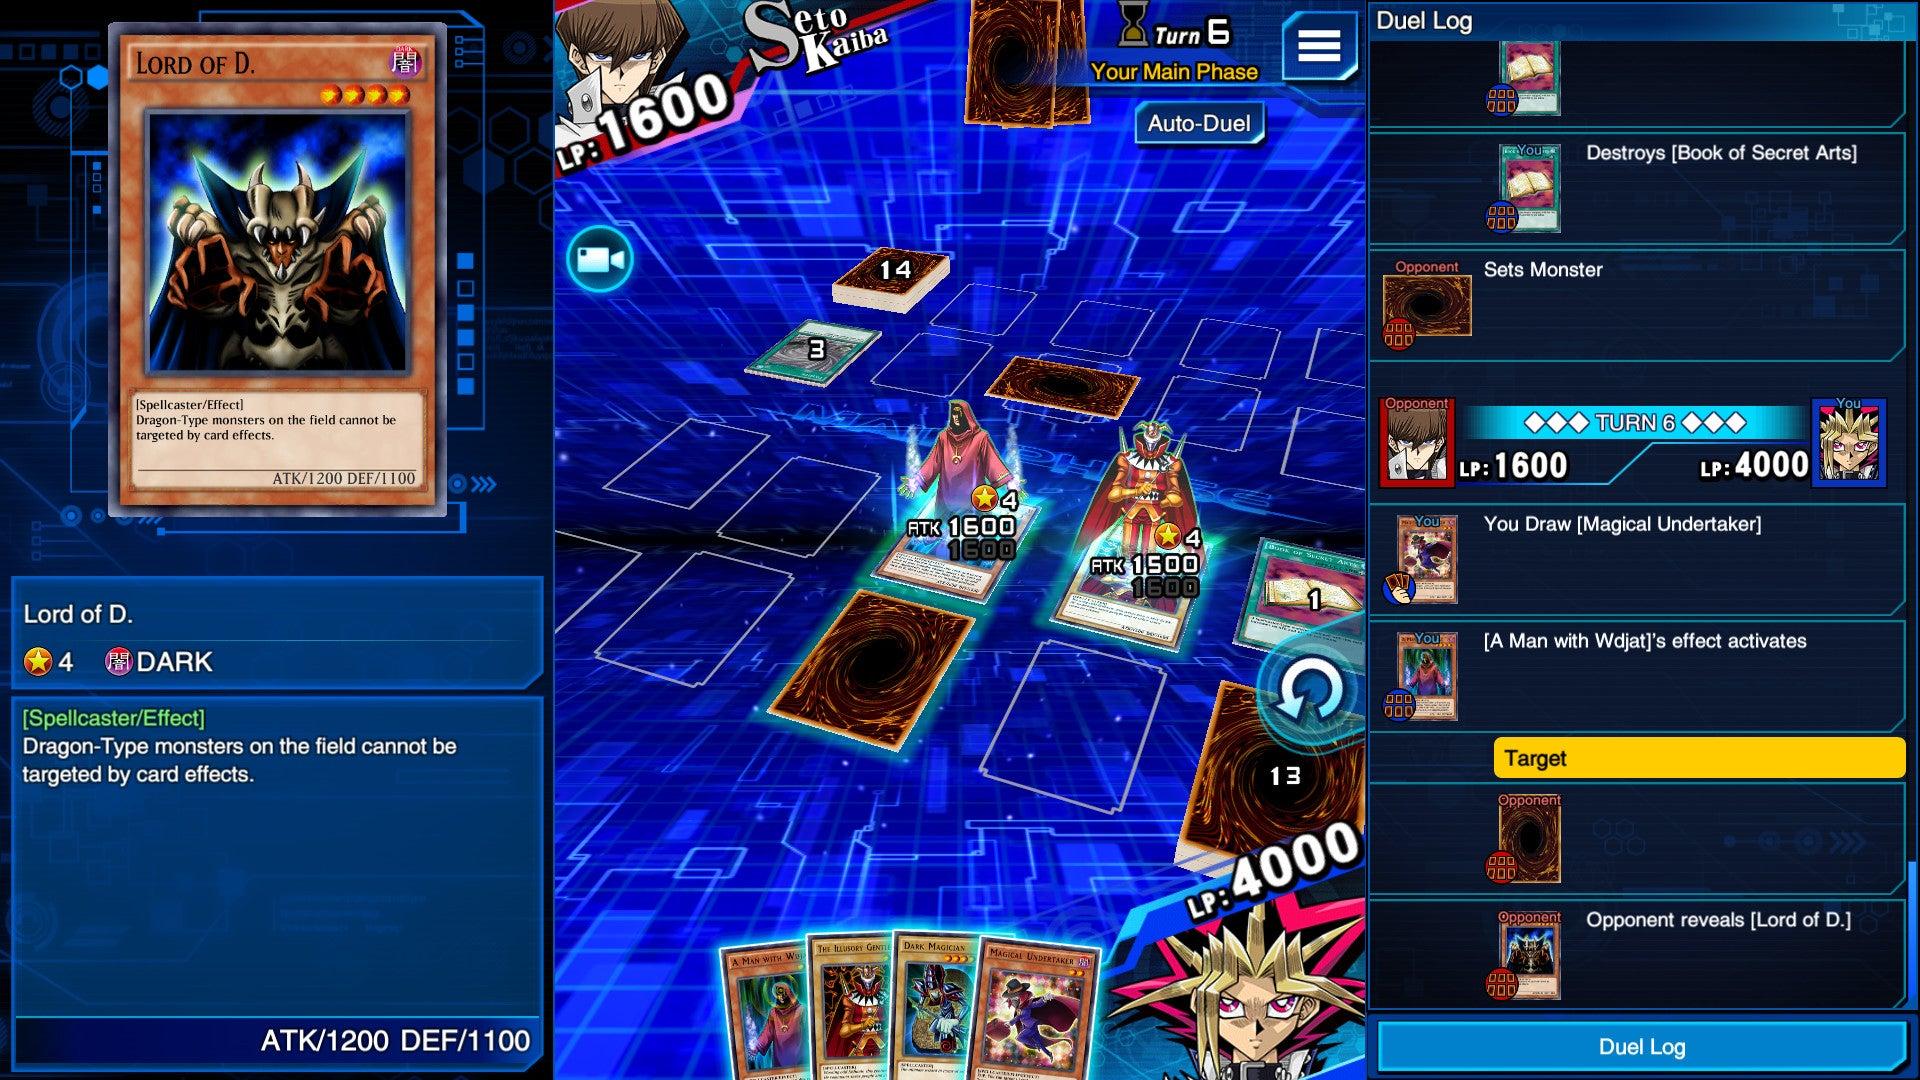 Yu-Gi-Oh! Duel Links digital board game screenshot